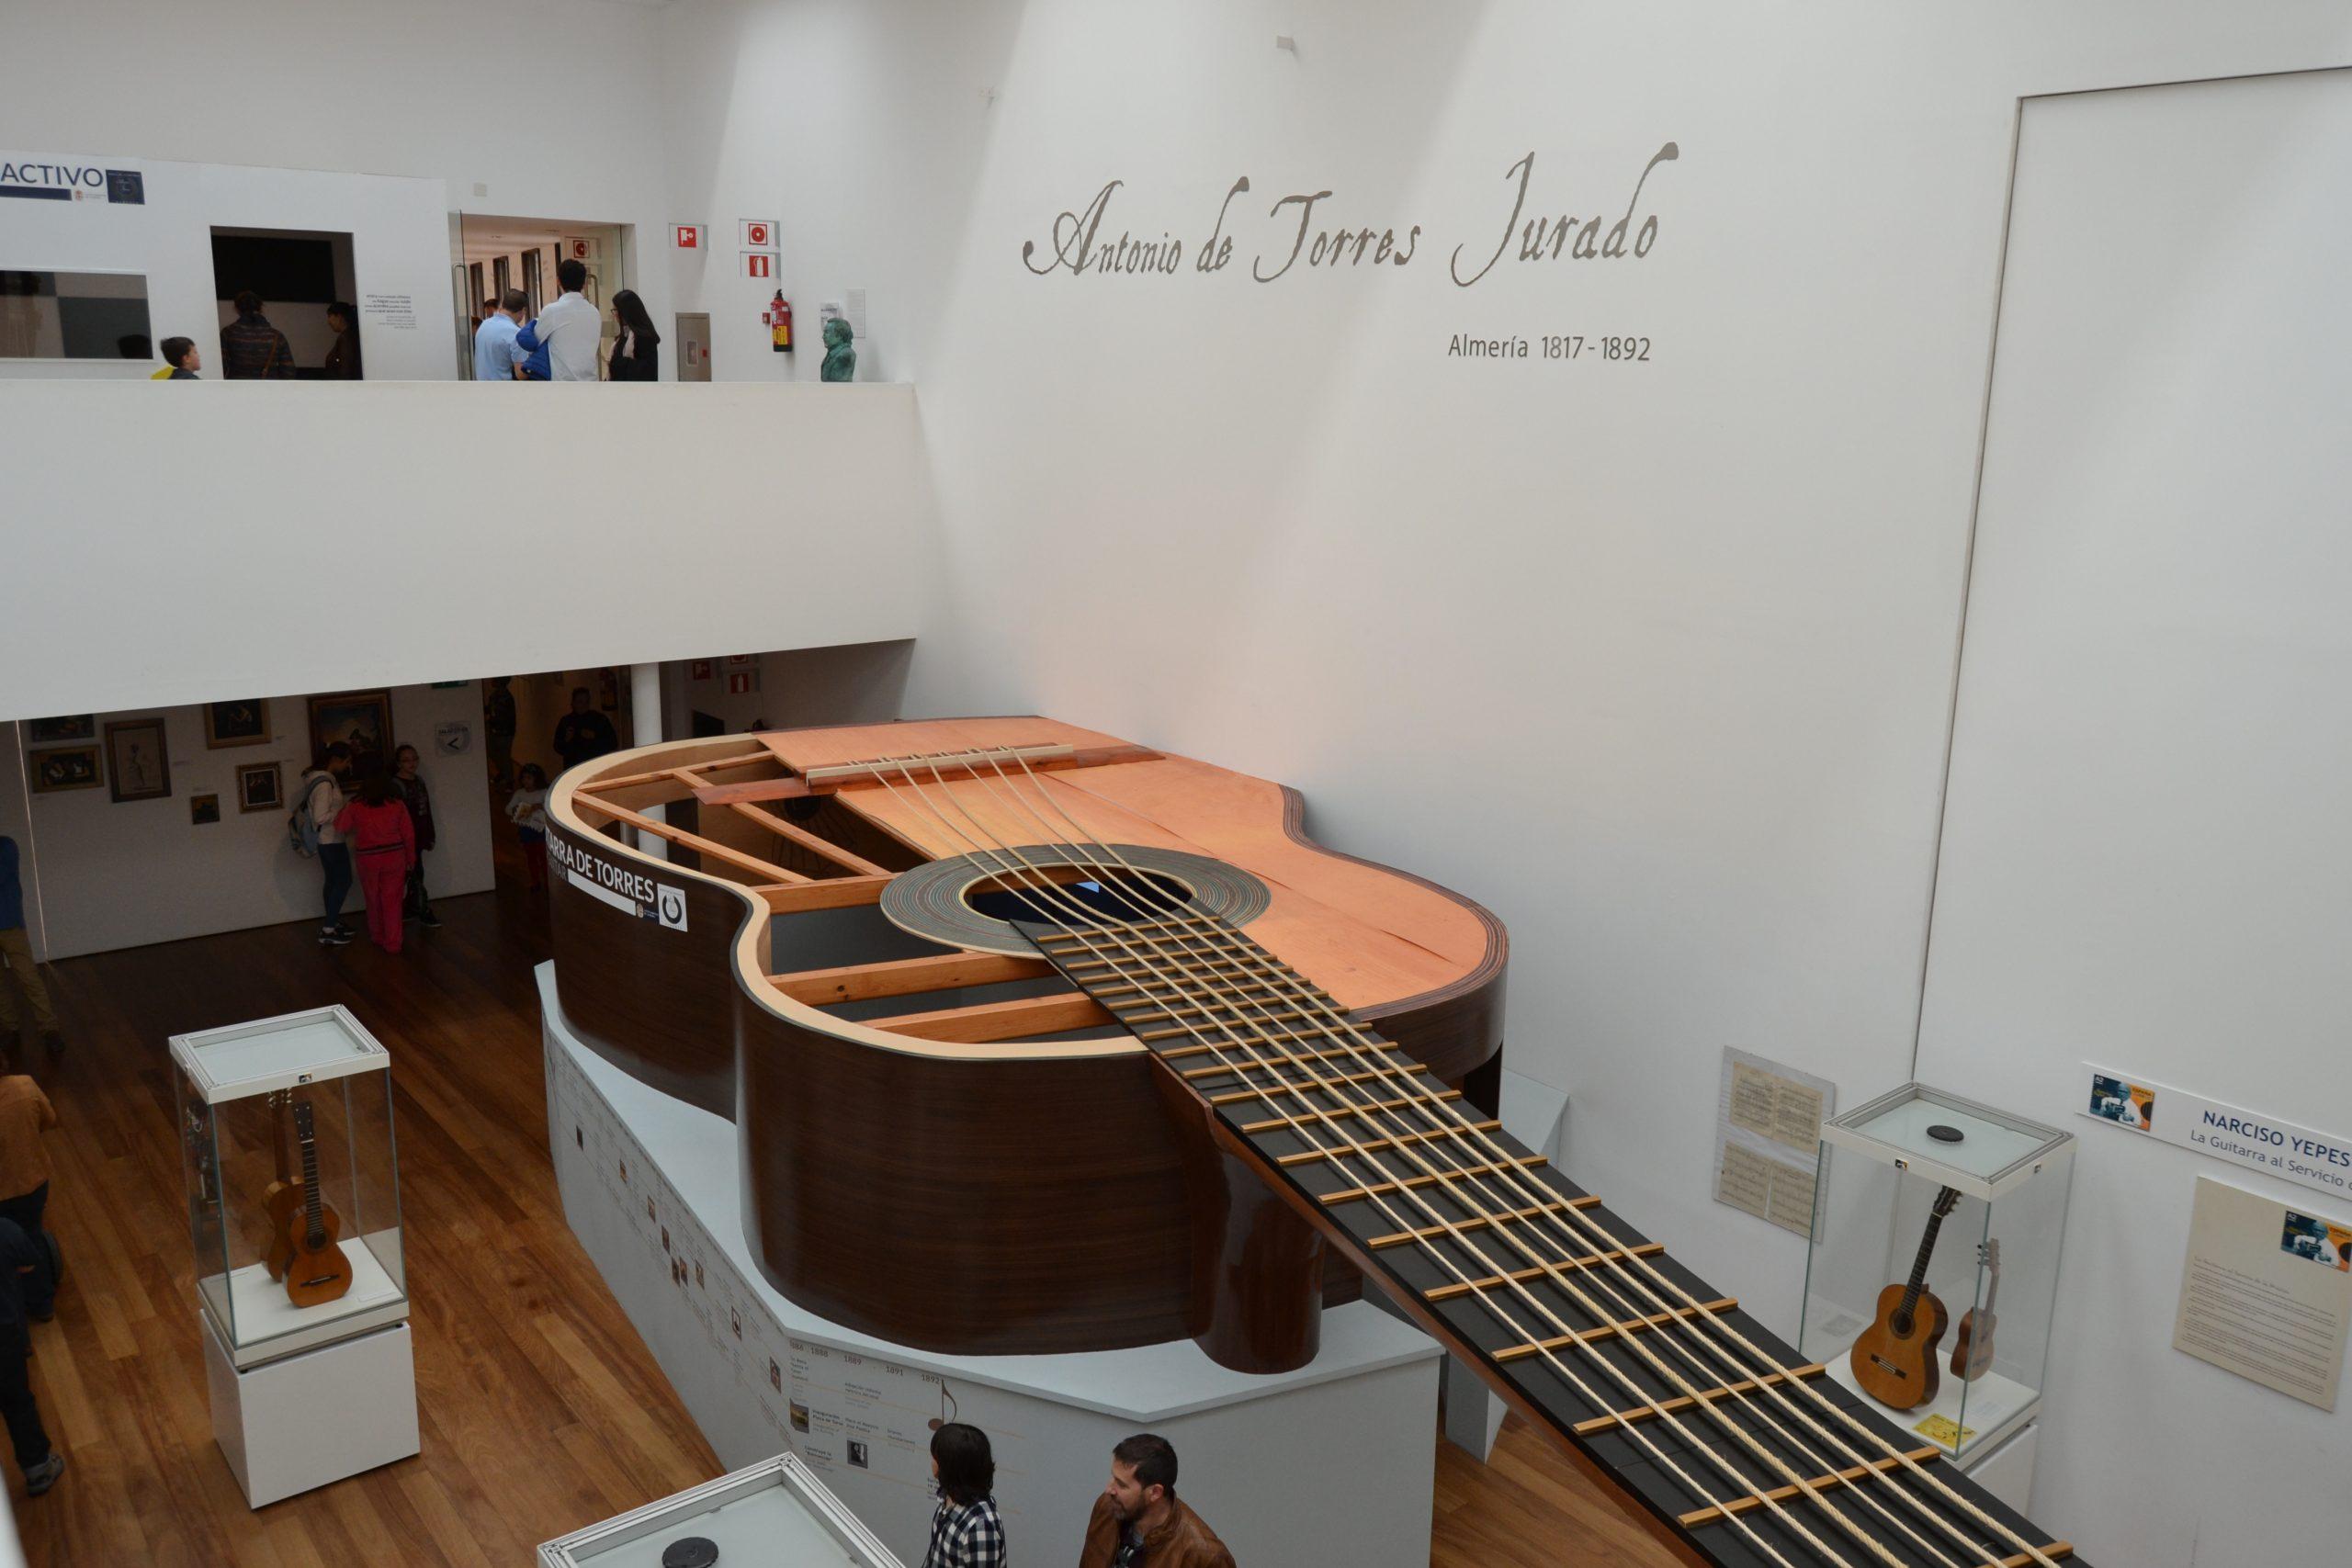 museo de la guitarra Almeria